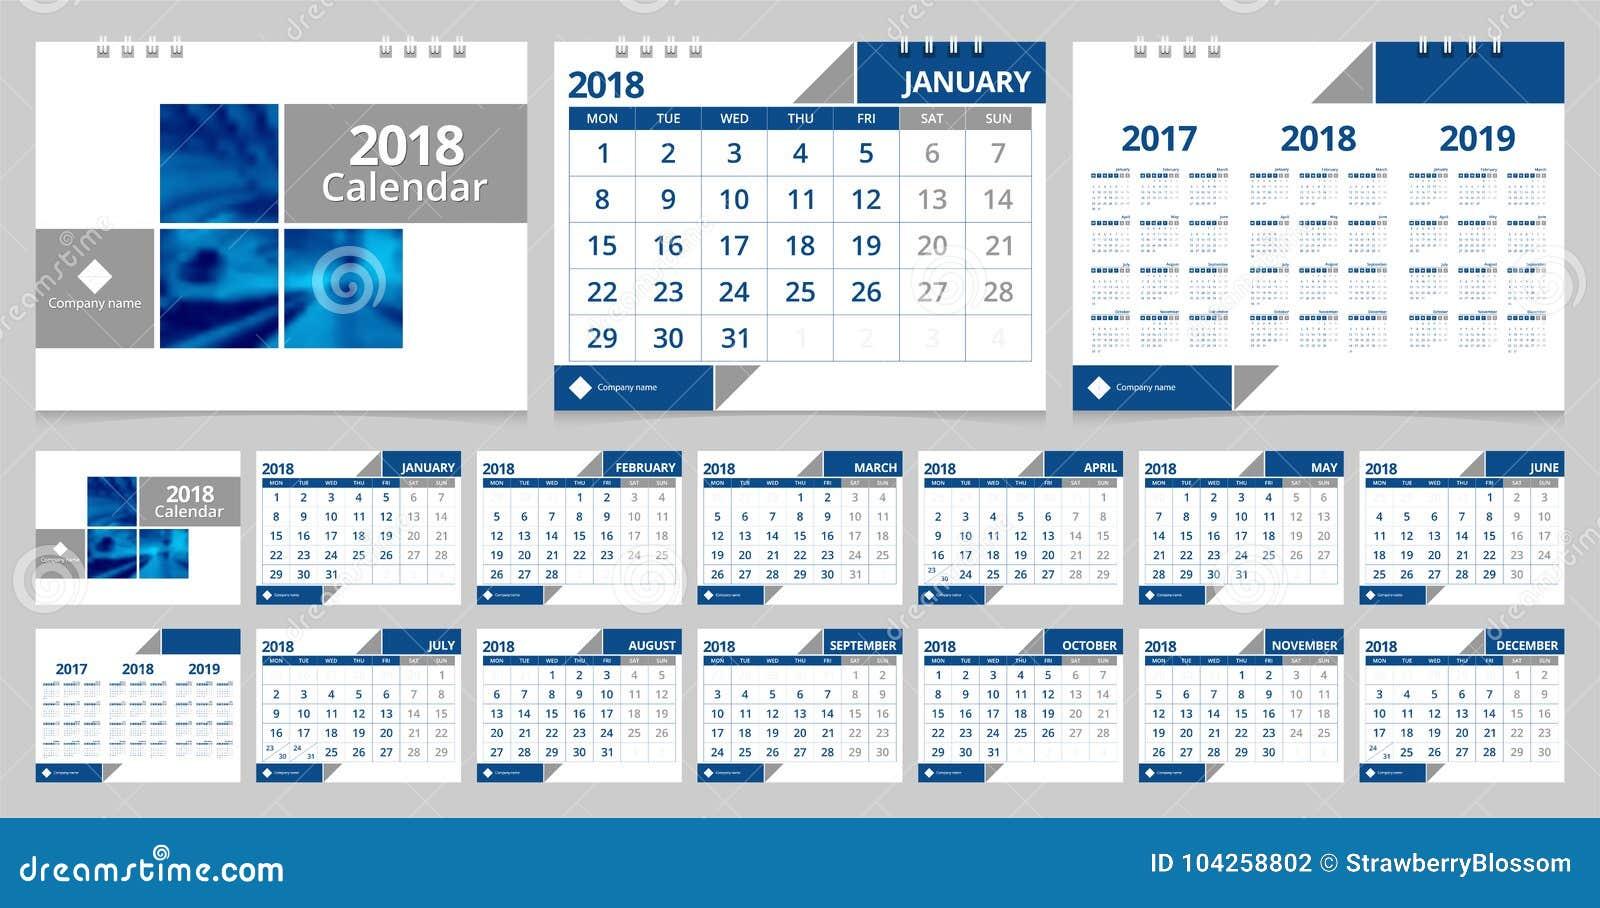 Calendario de escritorio 2018